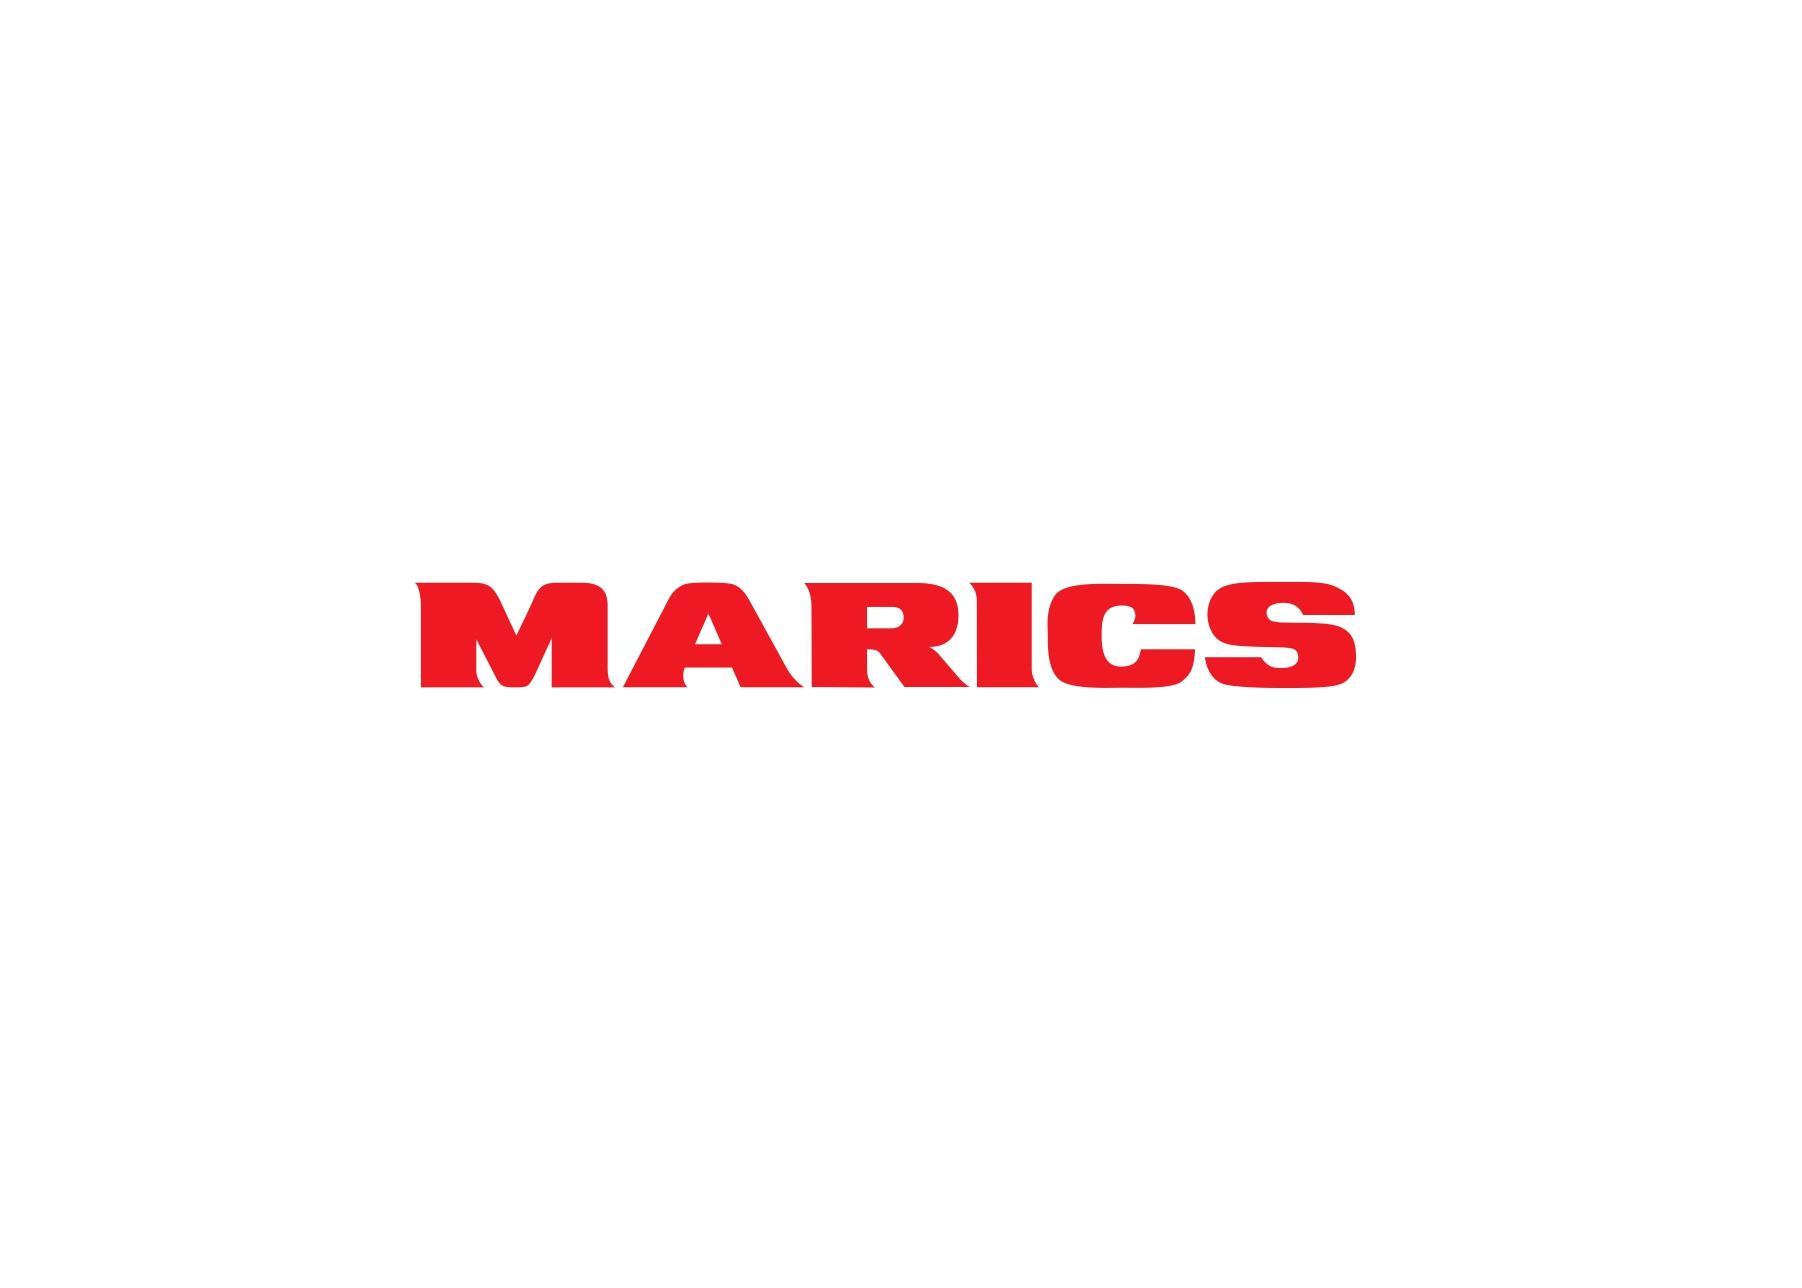 marics